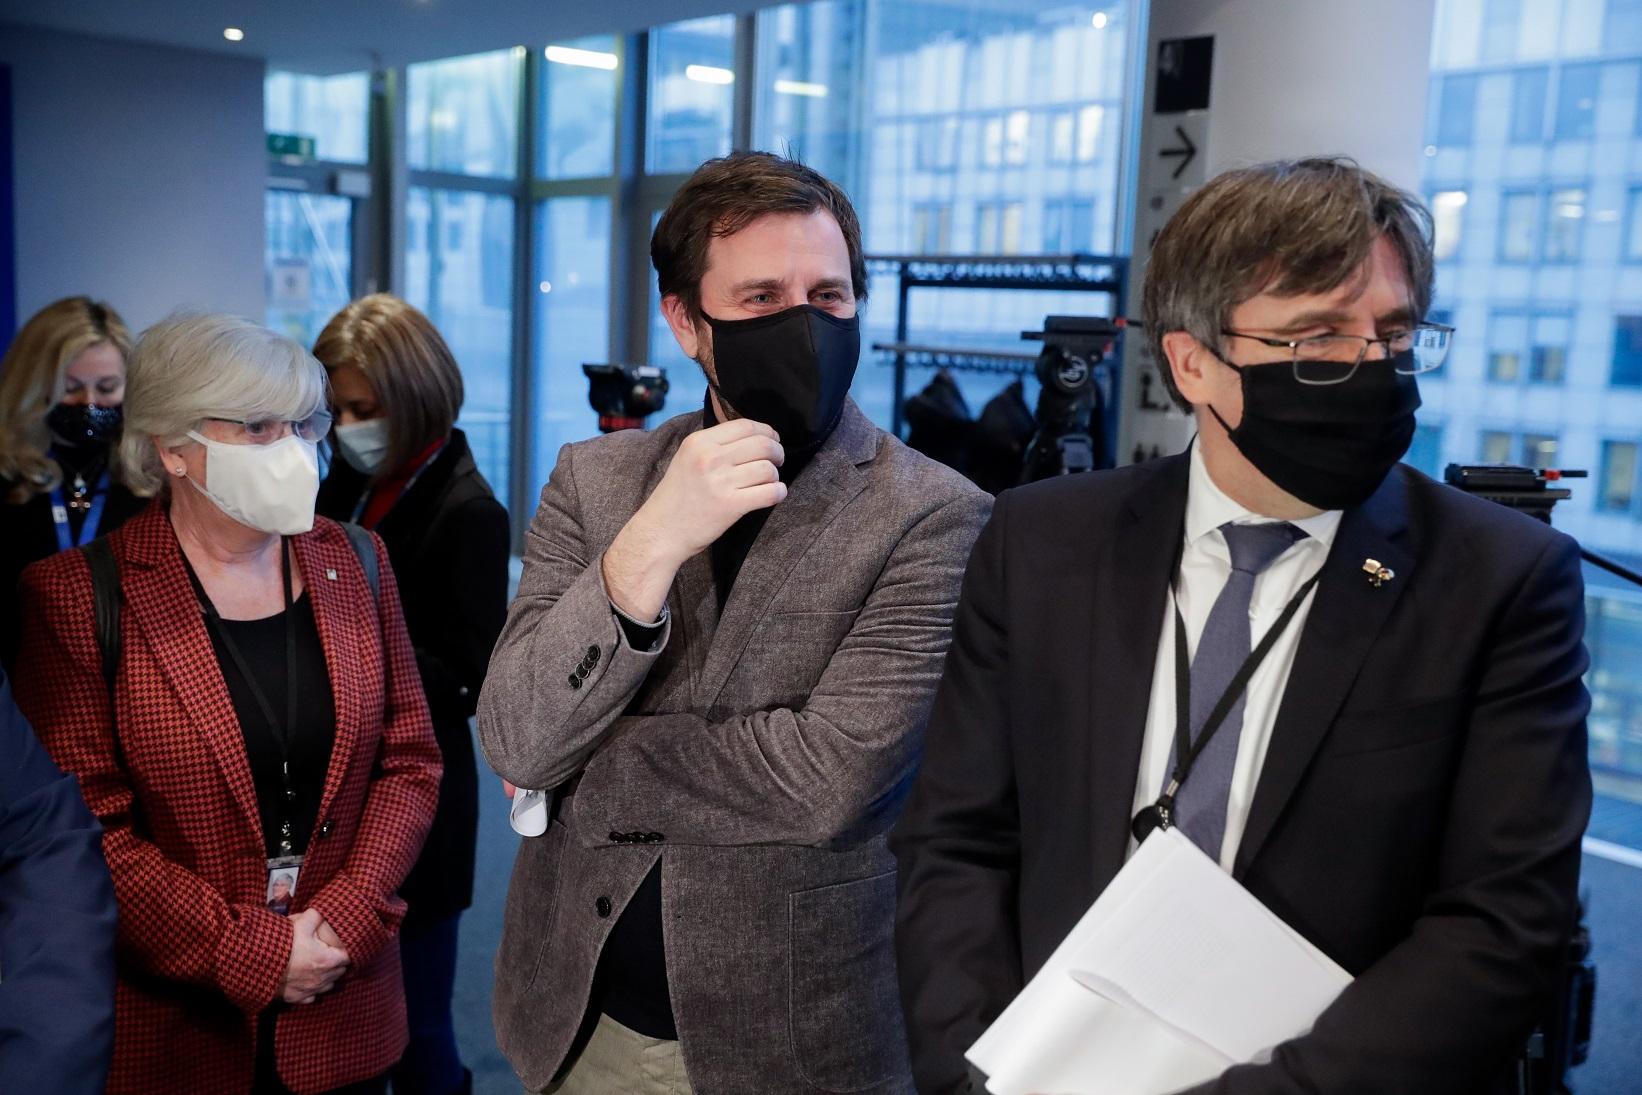 Clara Ponsatí, Toni Comín y Carls Puigdemont en el Parlamento Europeo, en Bruselas, el 14 de enero de 2021 | EFE/EPA/SL/Archivo